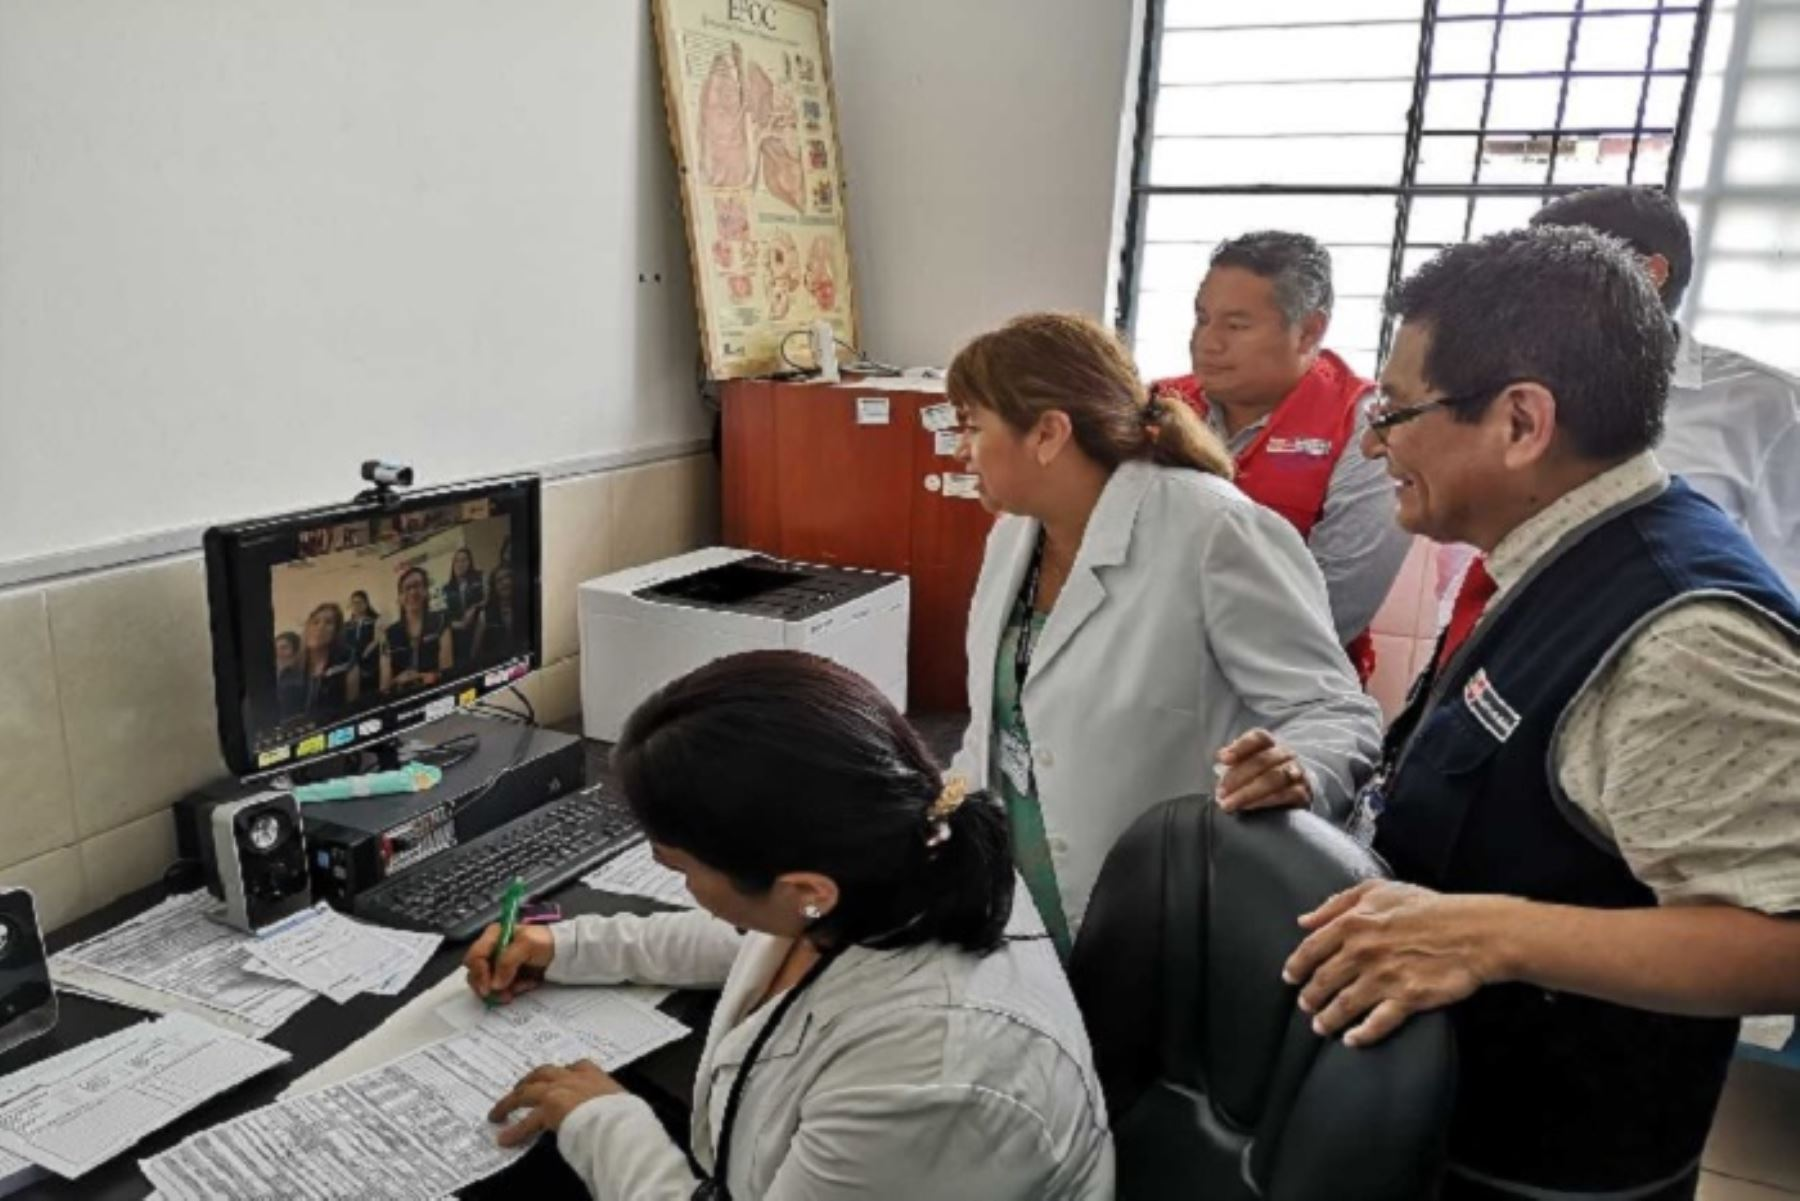 Un total de 24 Instituciones Prestadoras de Servicios de Salud (Ipress) se incorporaron esta semana a la Red Nacional de Telesalud, ampliando a 1,028 el número de centros y puestos de salud interconectados a nivel nacional.